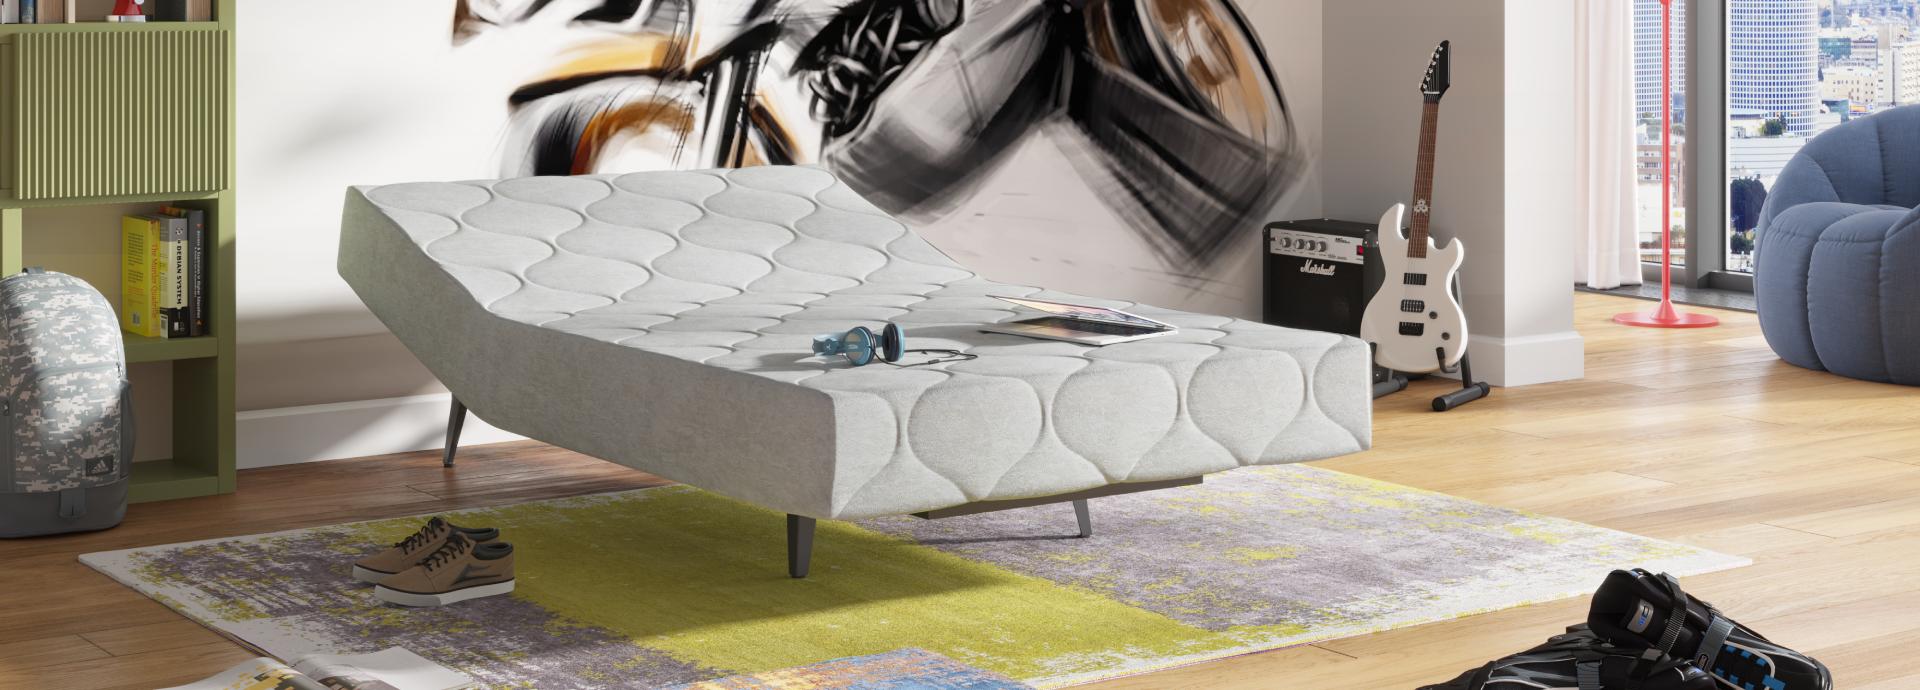 מיטת נוער הולנדיה וחצי בחדר